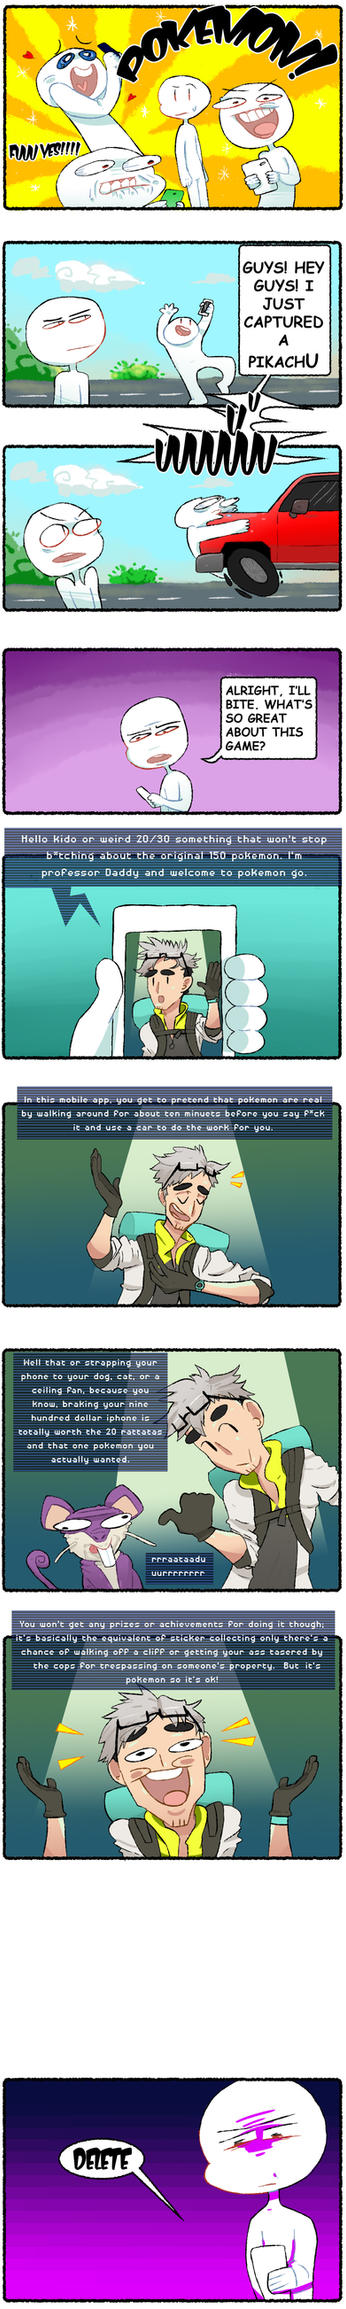 Pokemon Go by DerpInc